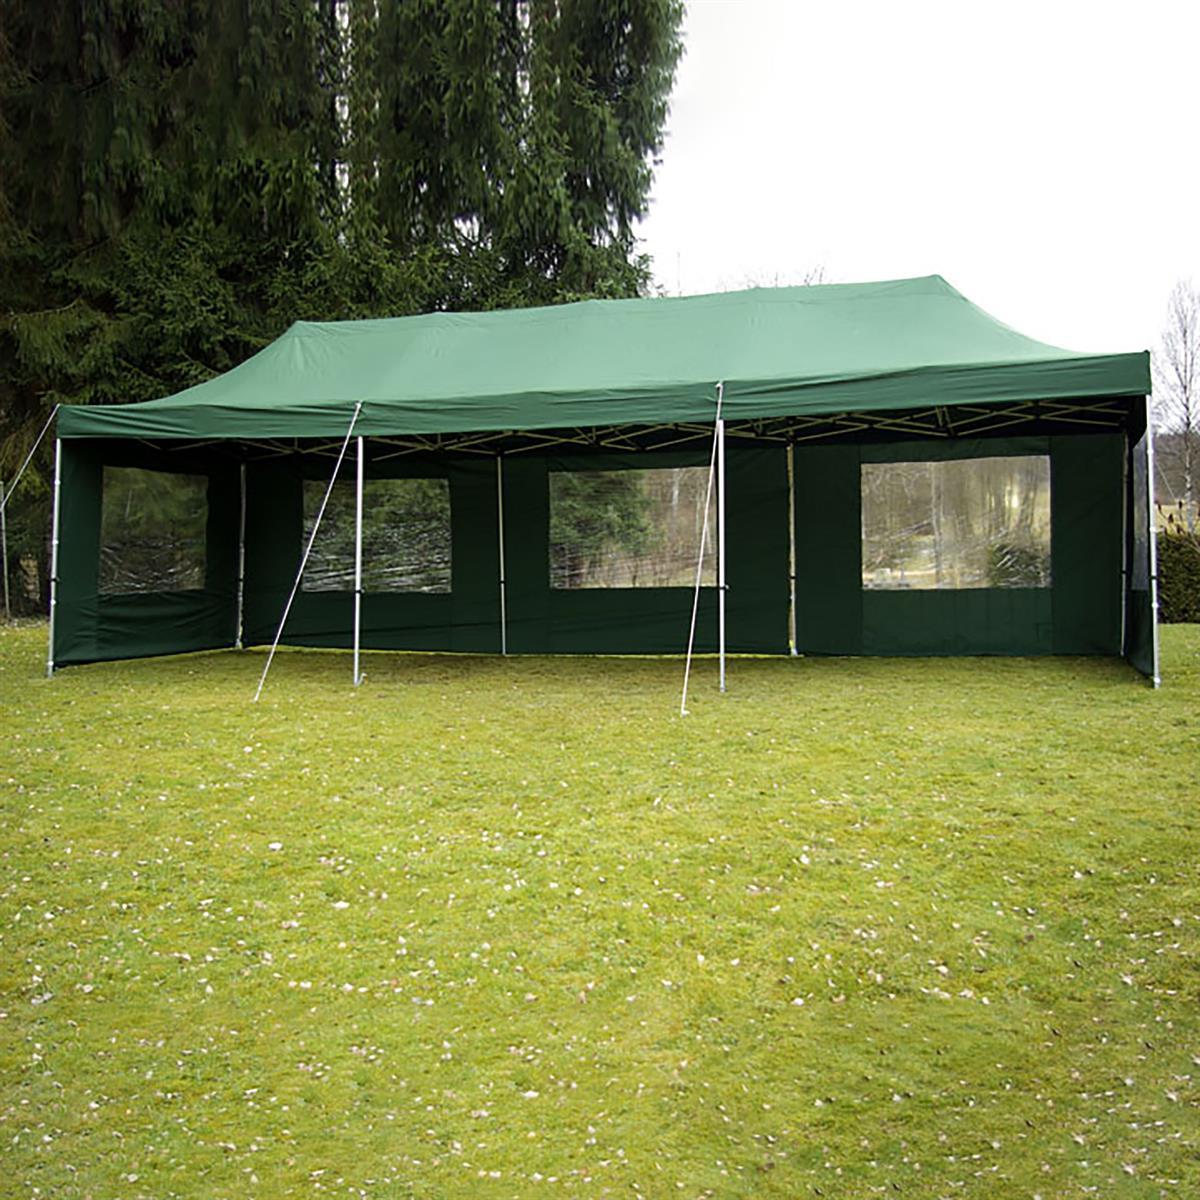 ERSATZDACH für Falt Pavillon Faltpavillon grün 3x9 m Zeltdach Wechseldach